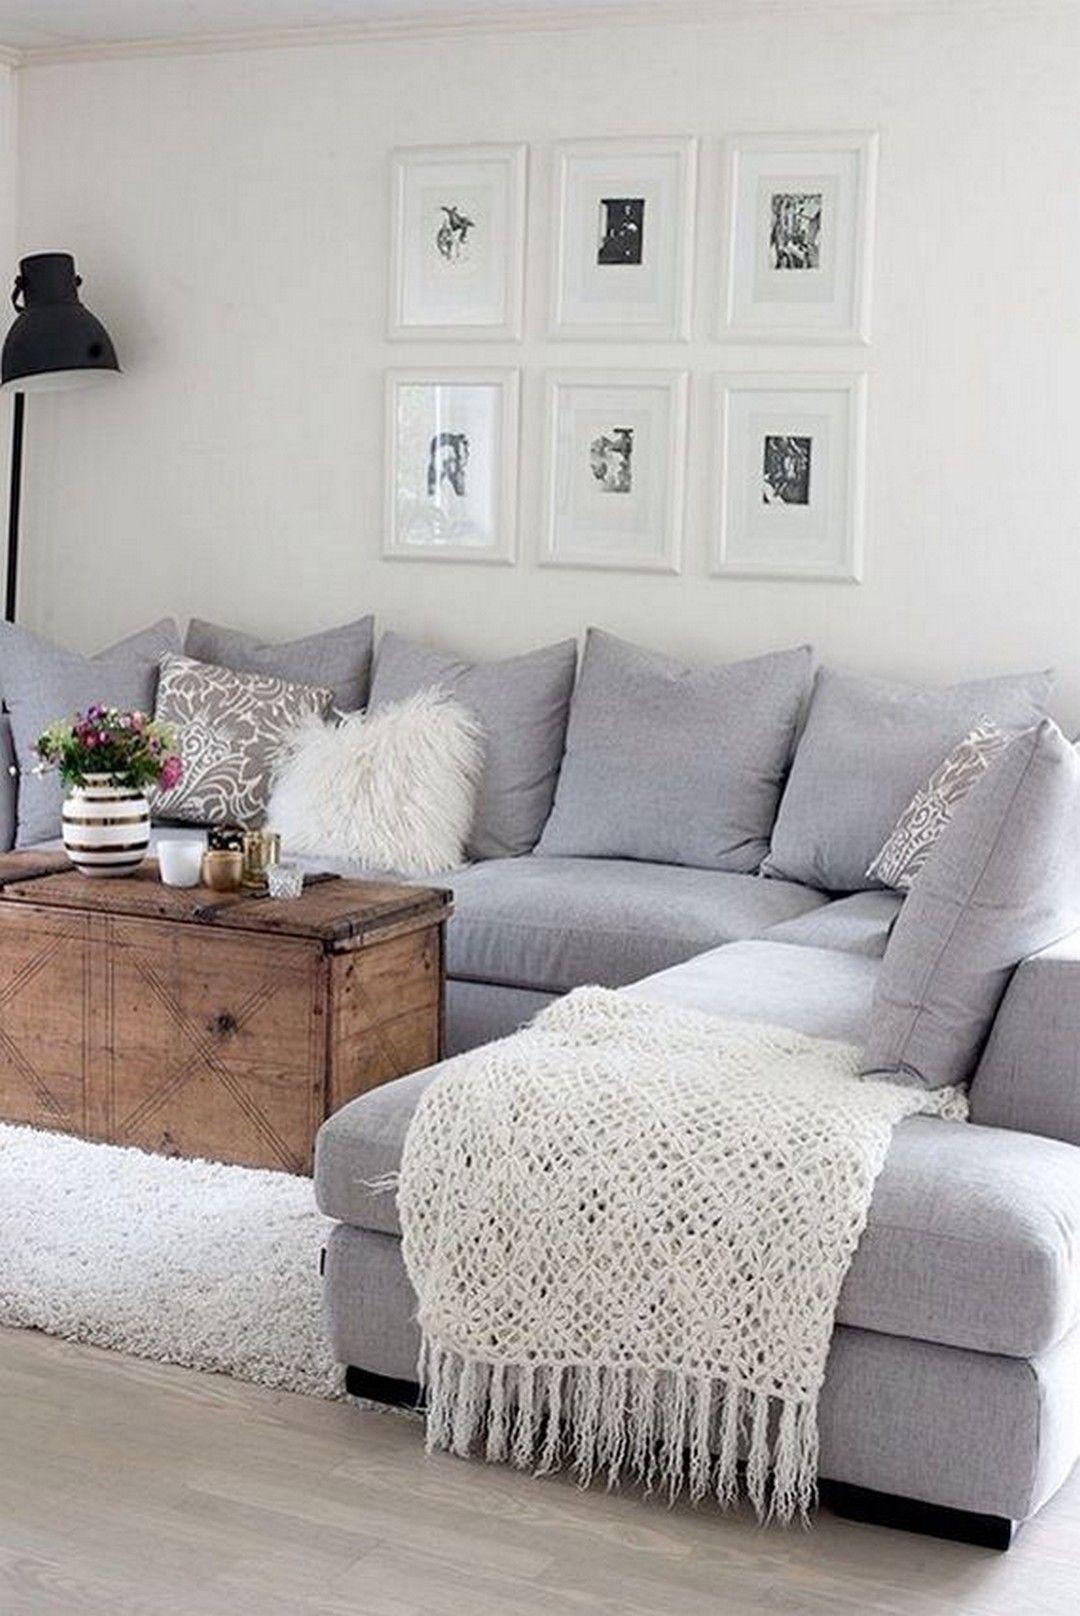 Simple and Elegant Apartment Decorating Ideas | Apartments ...